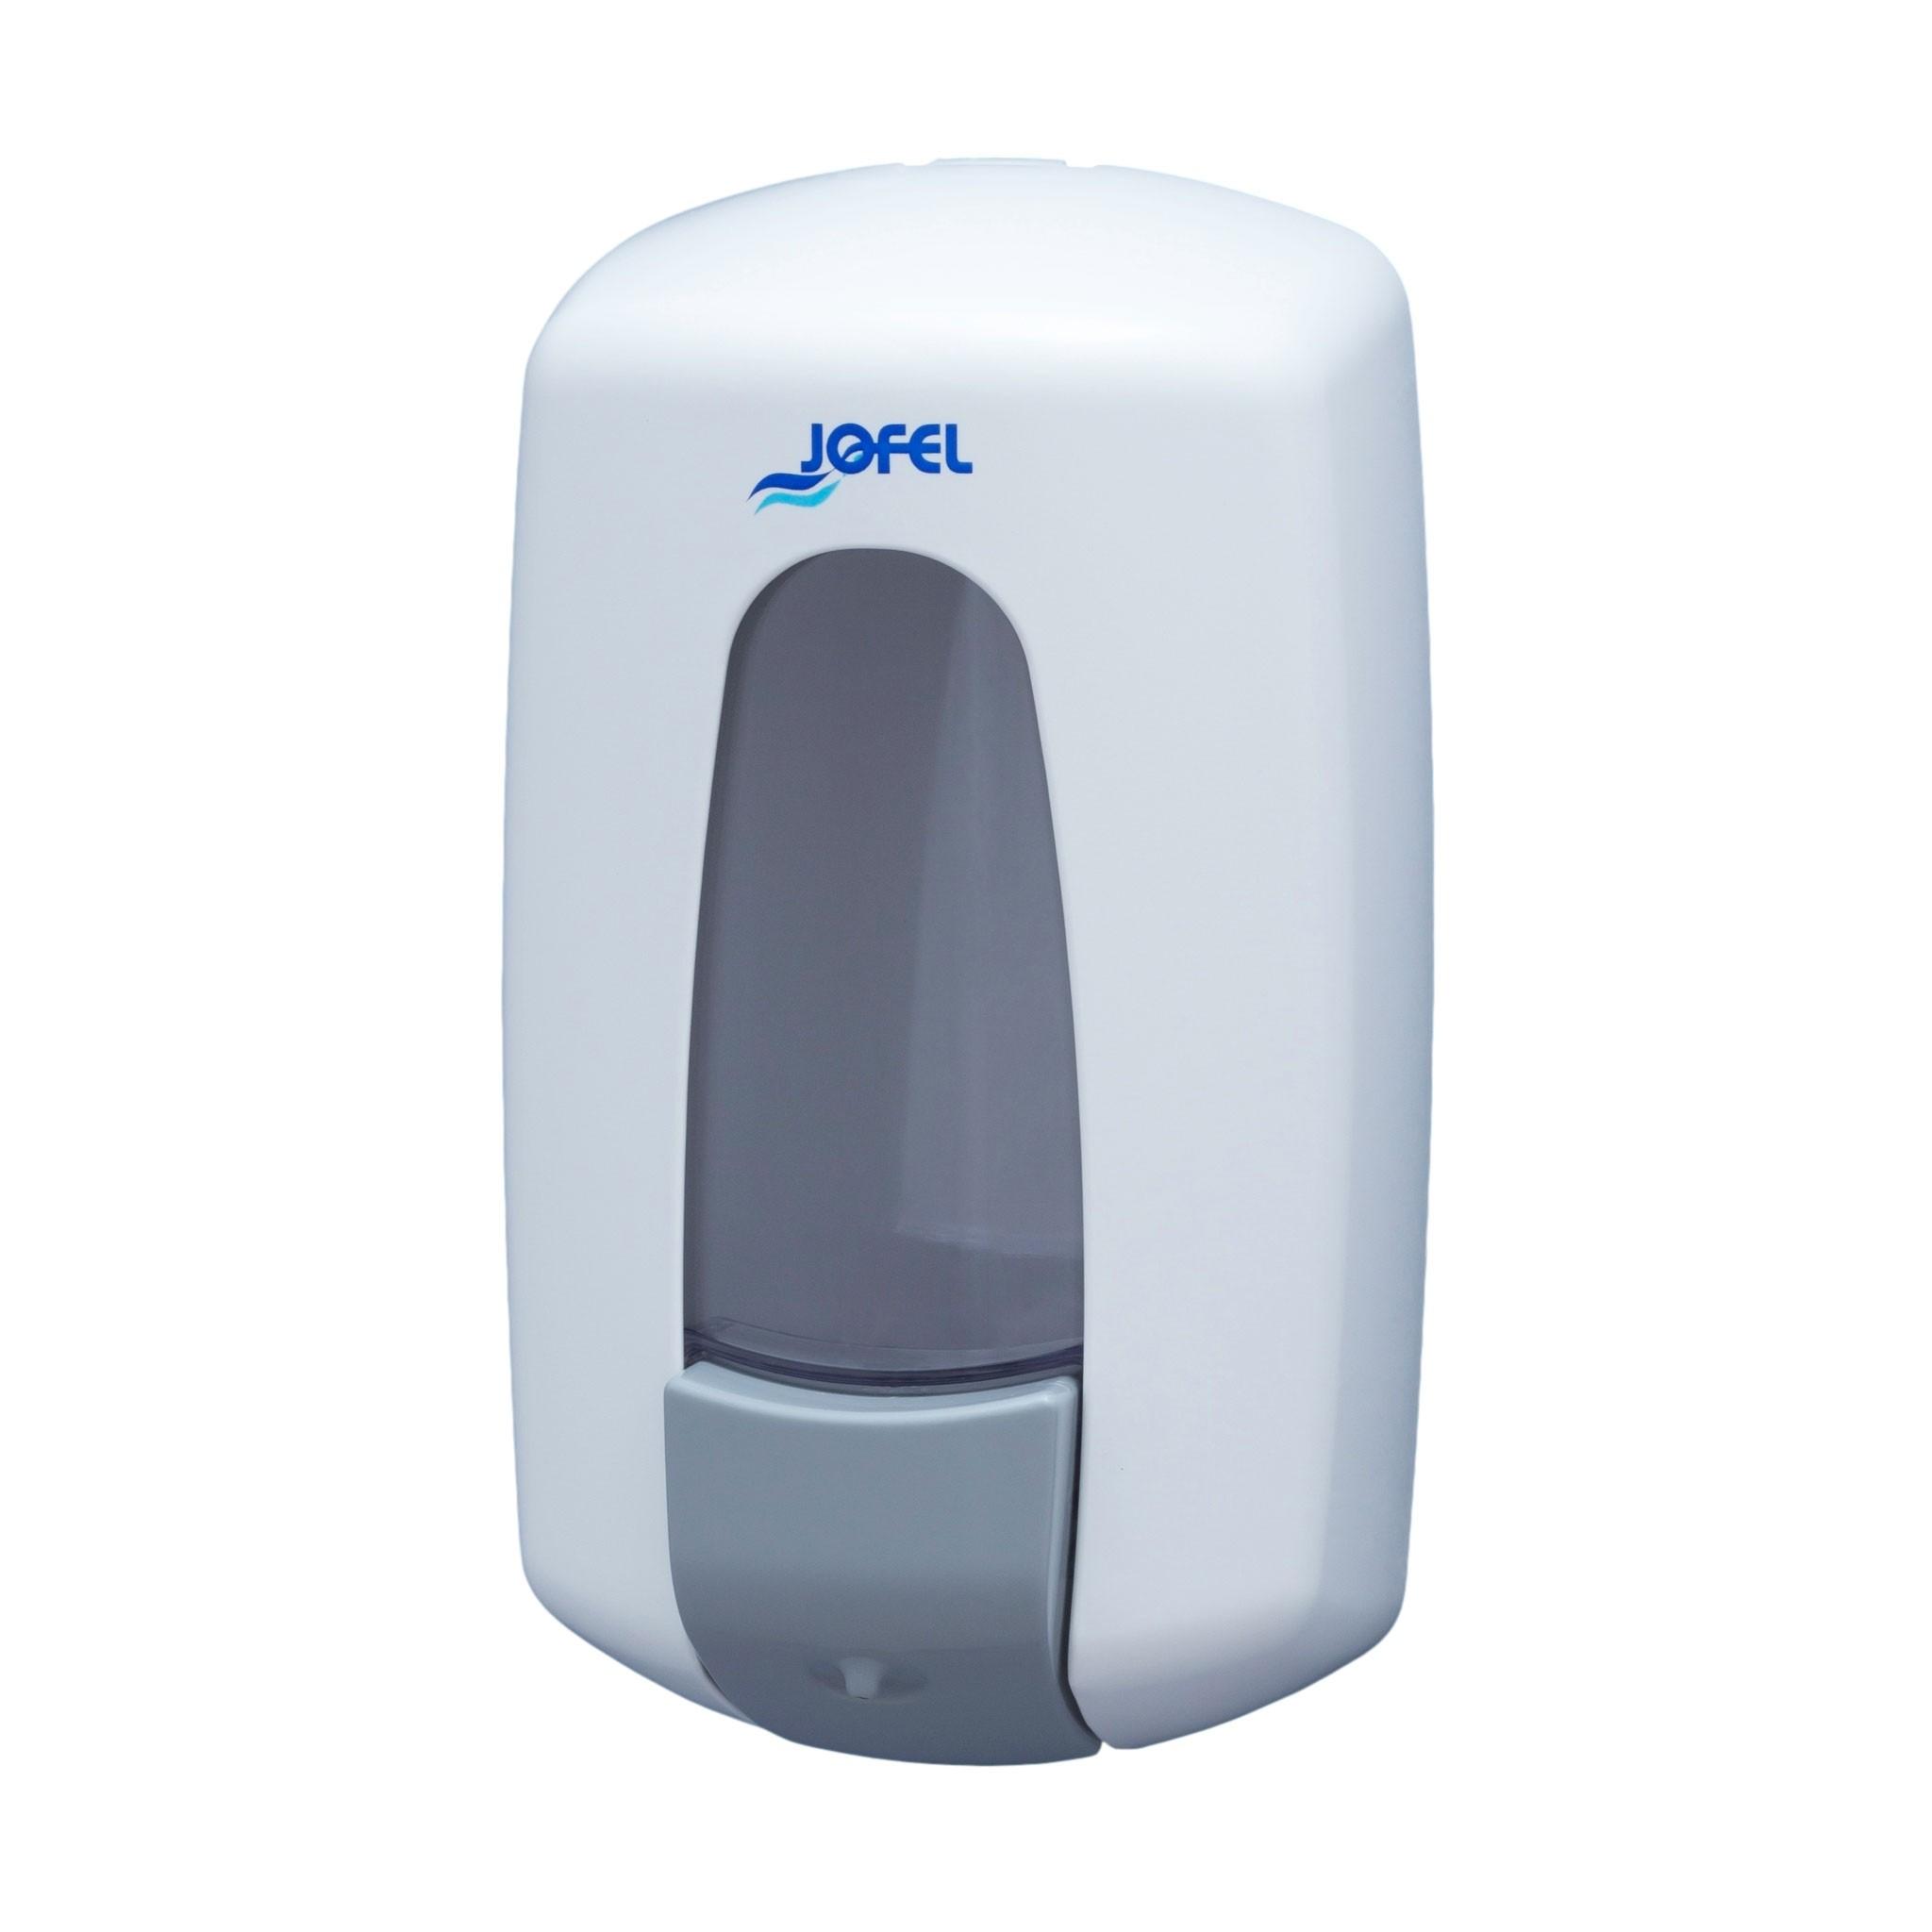 Πλαστική σαπουνοθήκη Jofel Aitana white AC70000